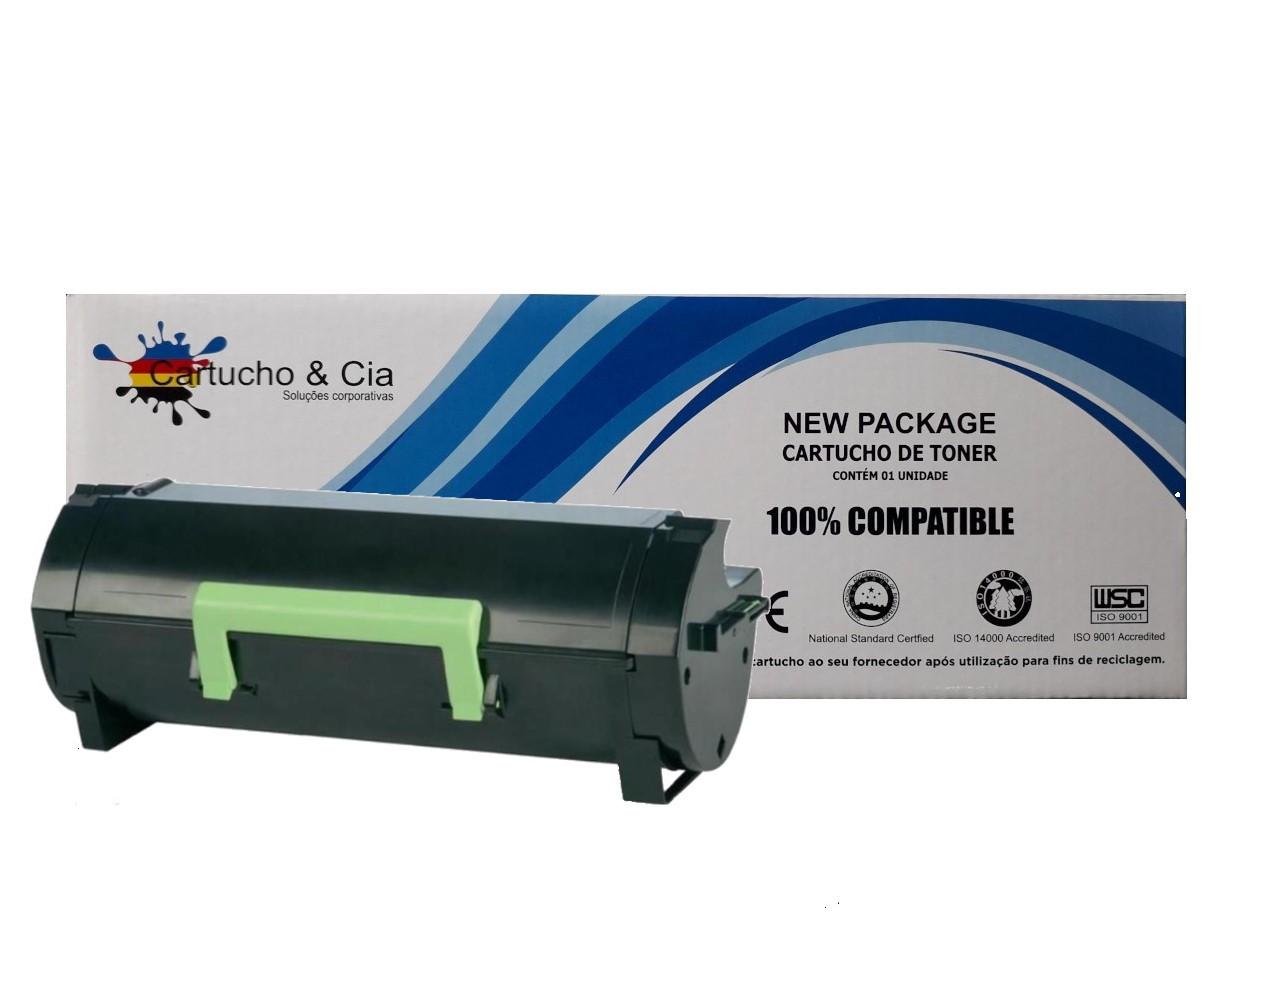 Toner compatível com Lexmark 624h MX710 MX711 MX810 MX811 45.000 Páginas - Cartucho & Cia